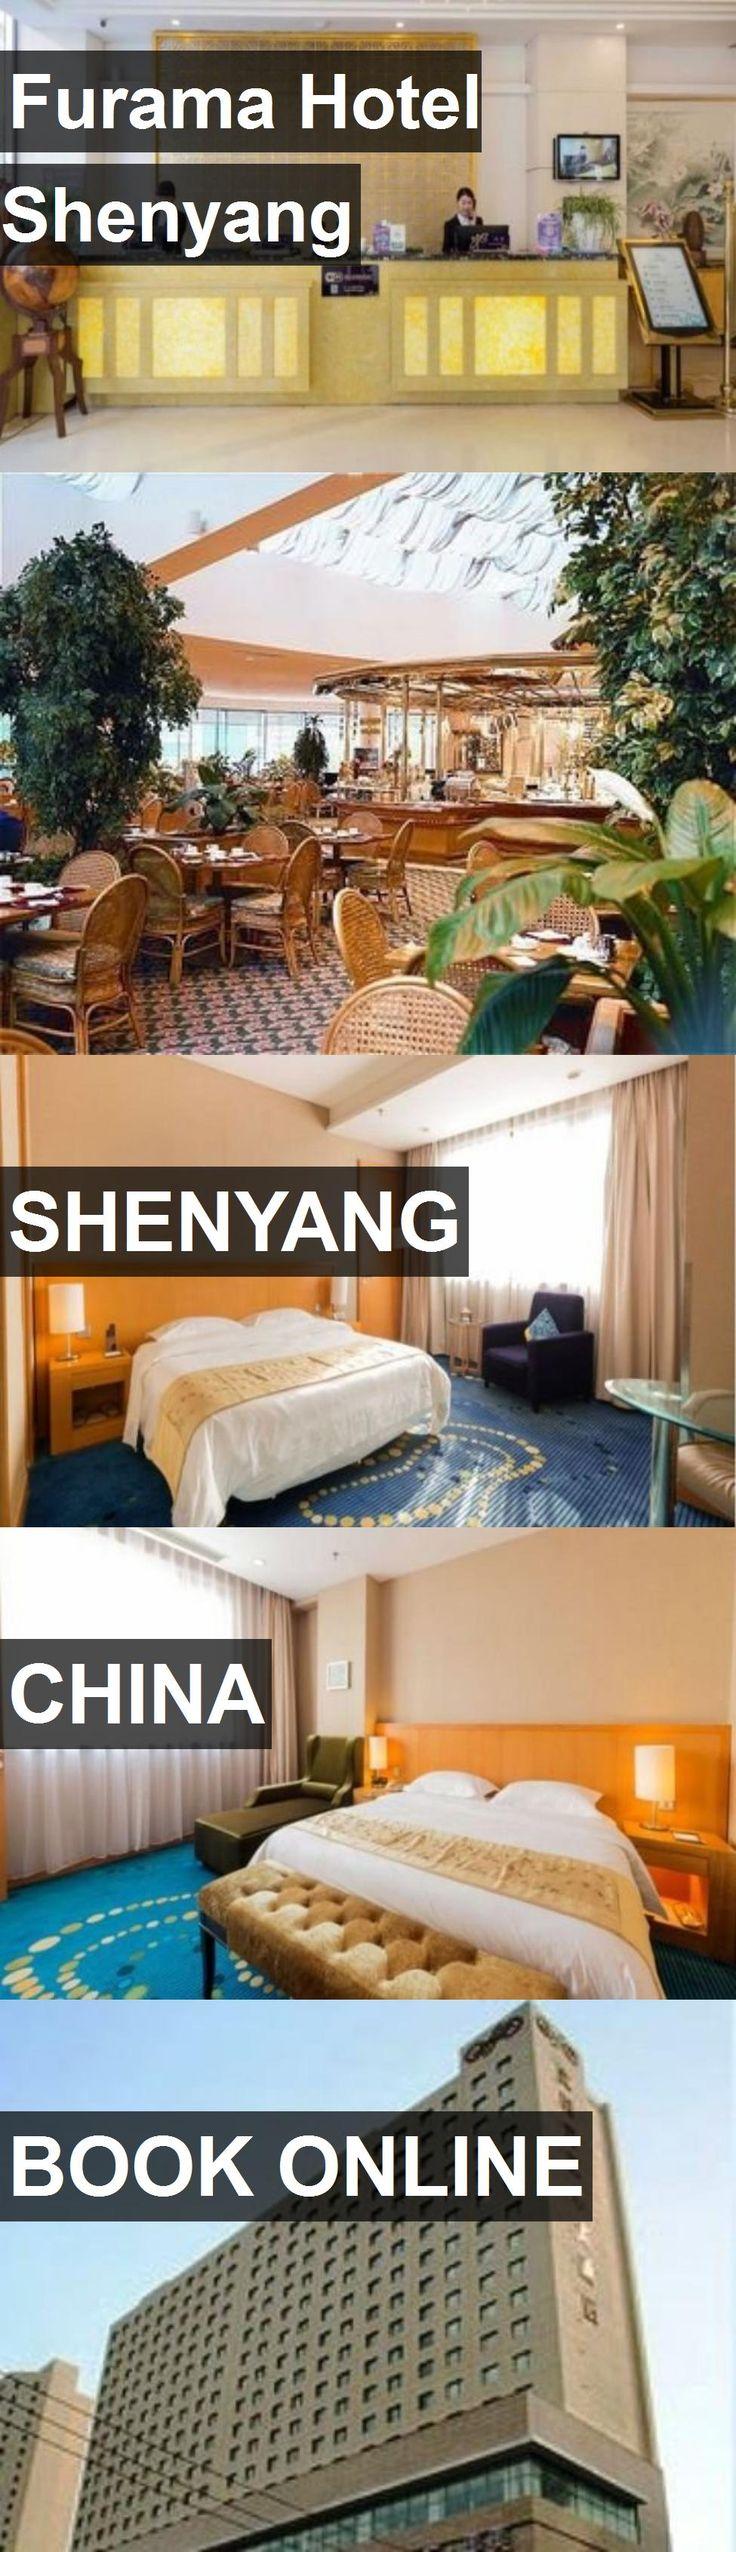 Hotel Furama Hotel Shenyang in Shenyang, China. For more information, photos, reviews and best prices please follow the link. #China #Shenyang #FuramaHotelShenyang #hotel #travel #vacation